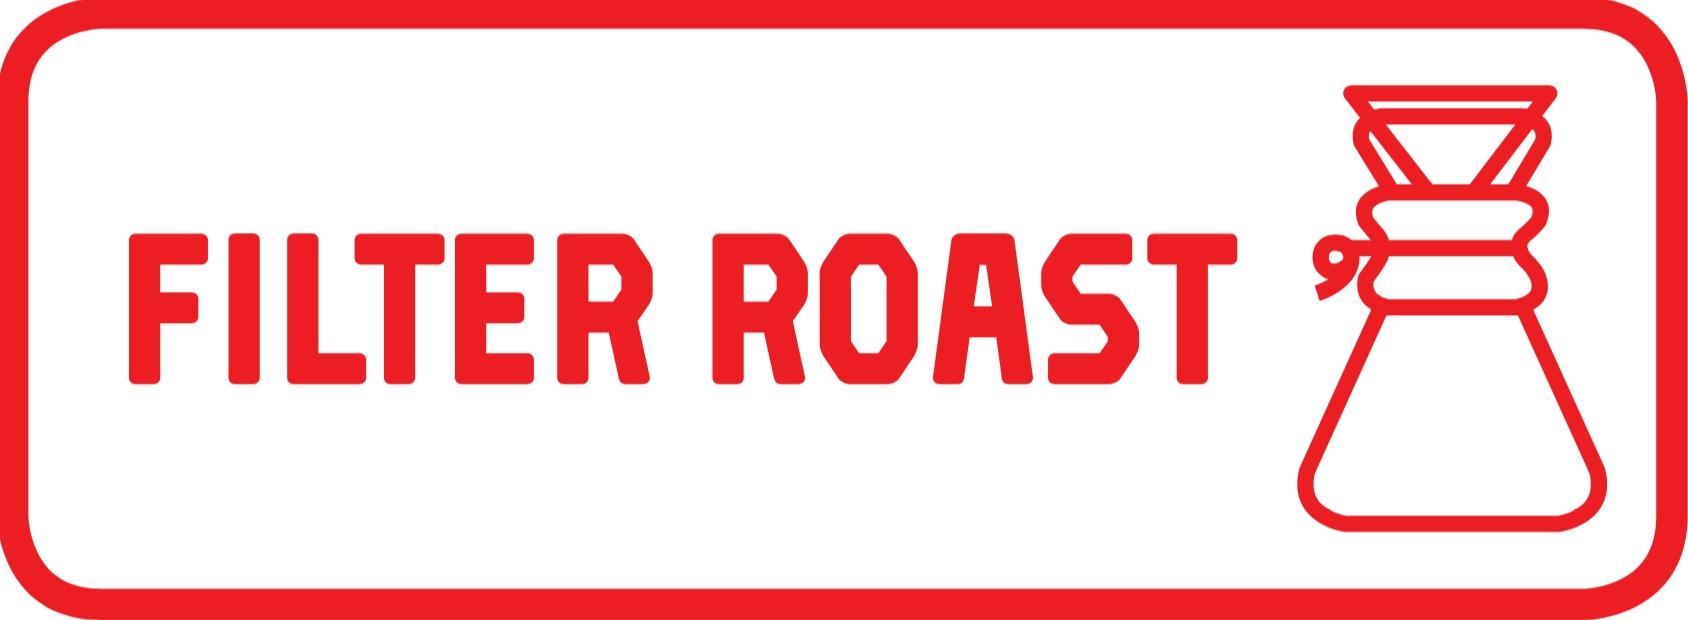 Filter roast